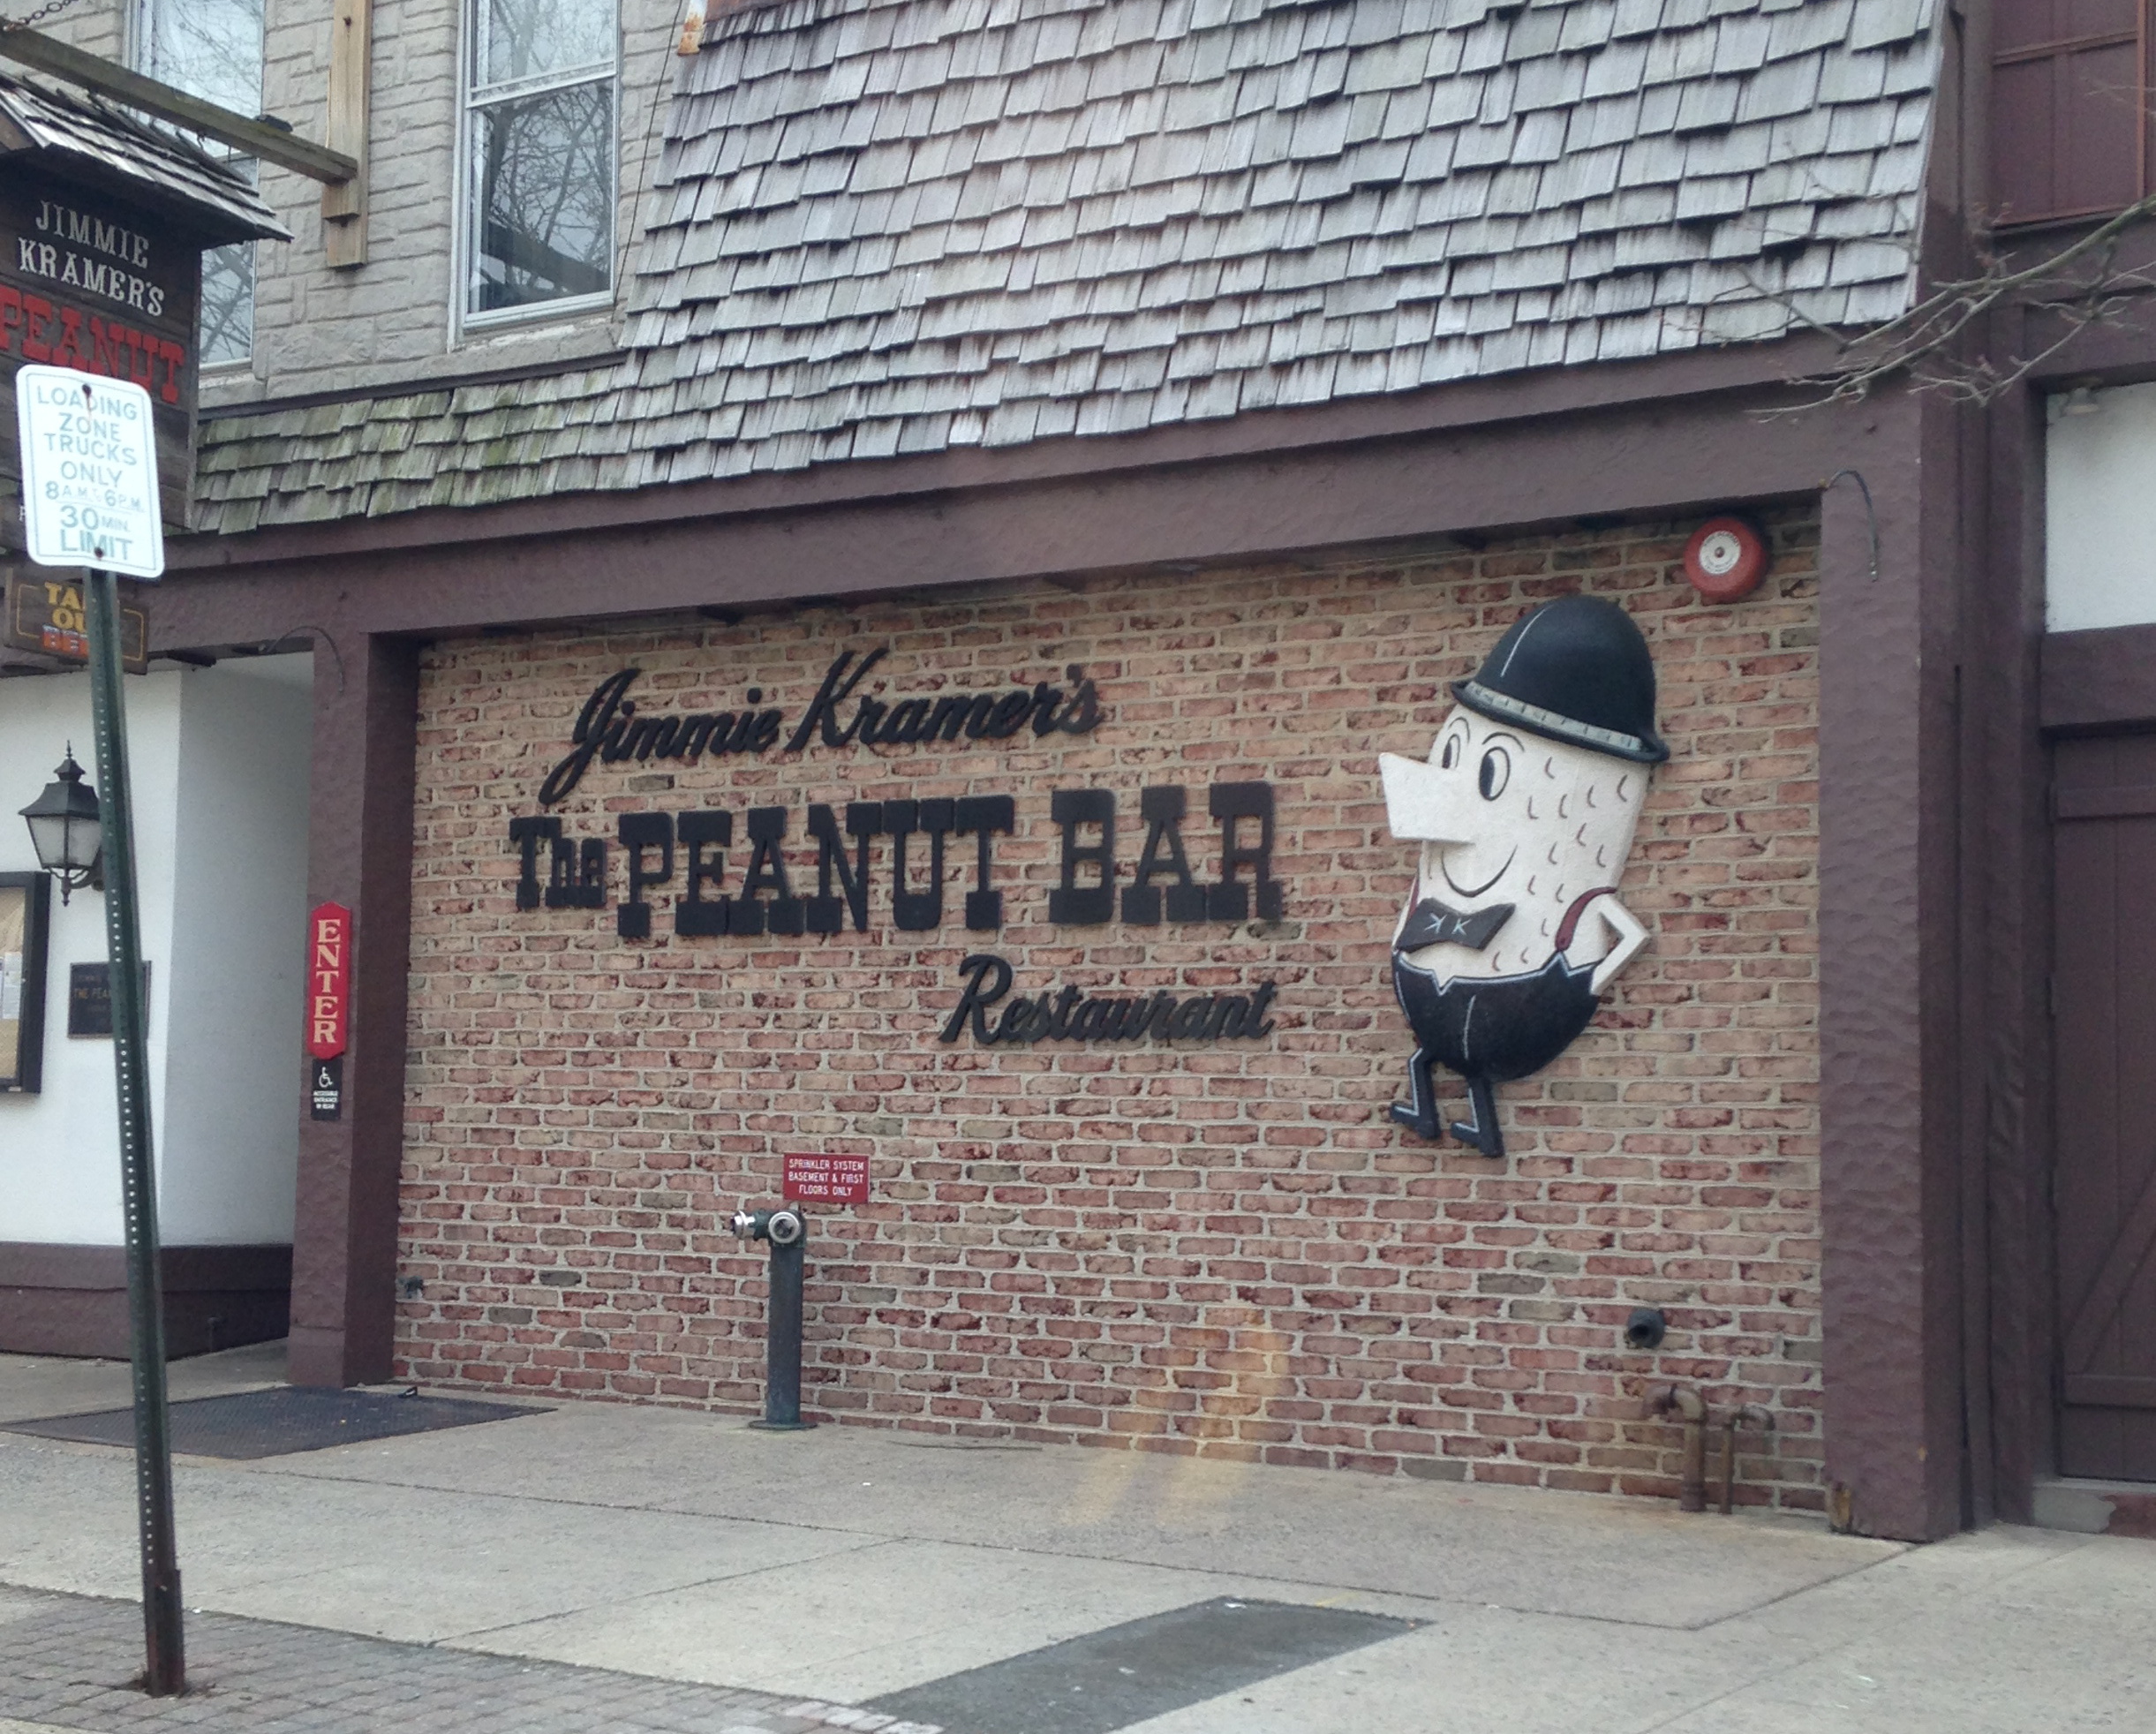 Jimmie Kramer's Peanut Bar